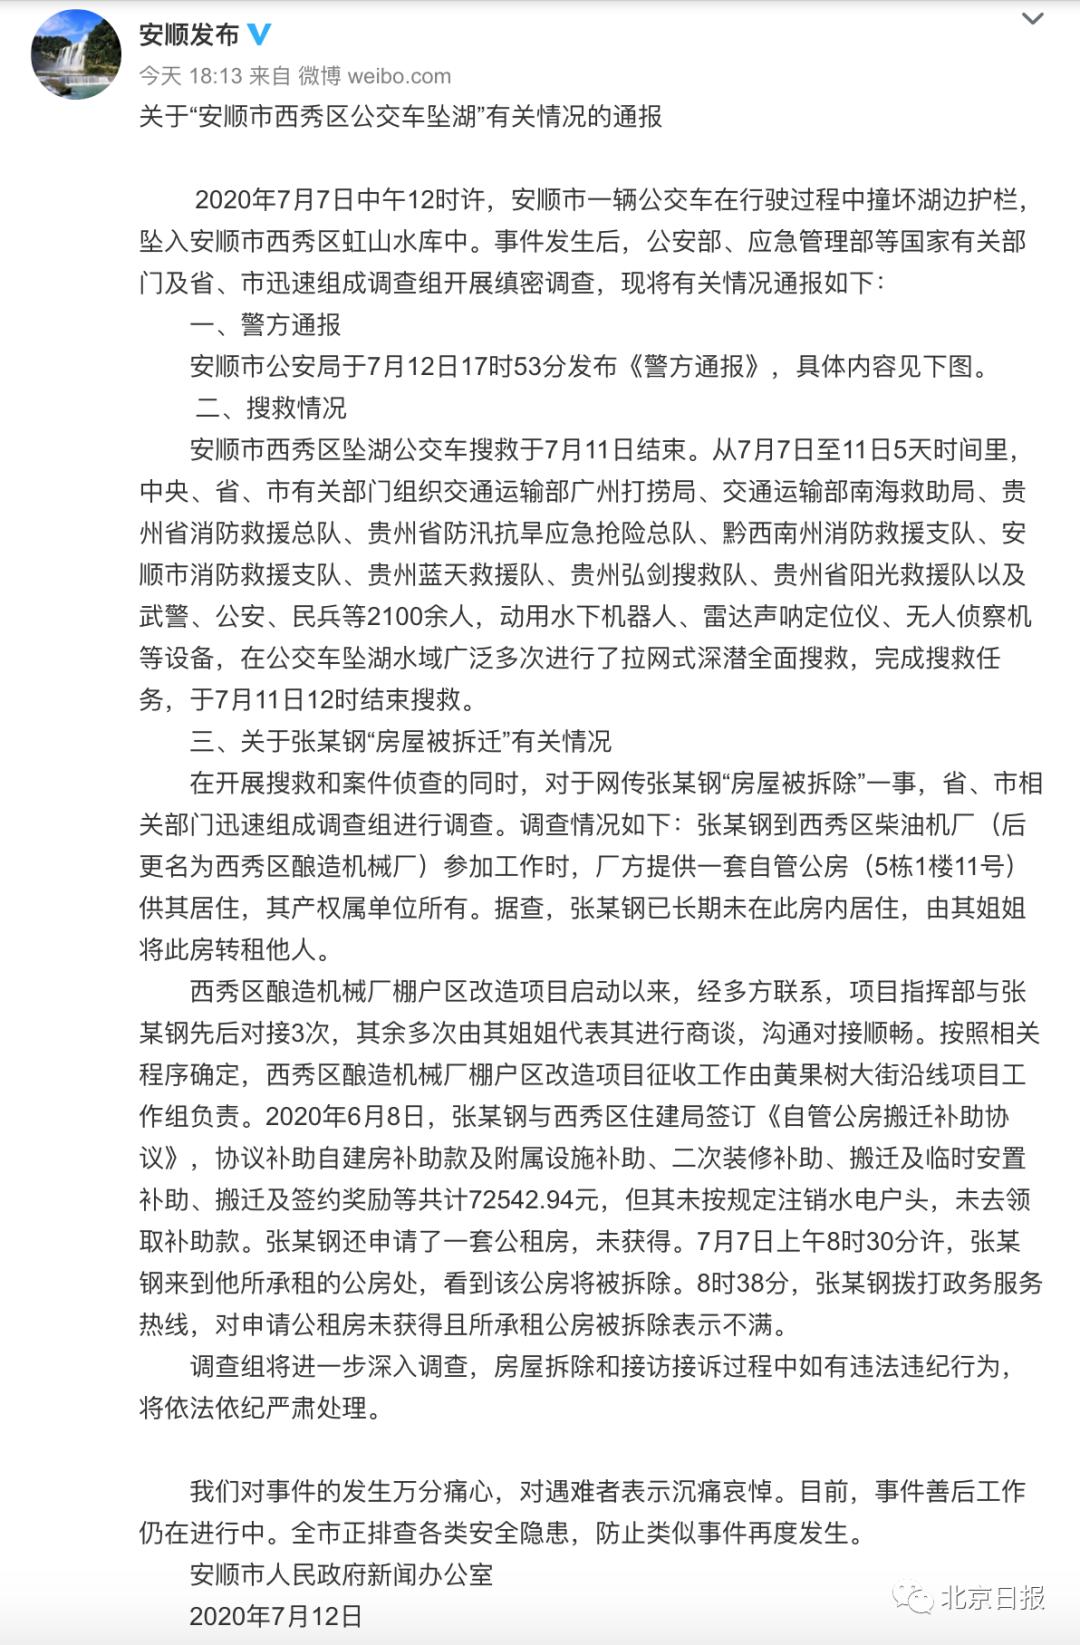 """安顺市政府通报坠湖公交司机张某钢""""房屋被拆迁""""情况"""